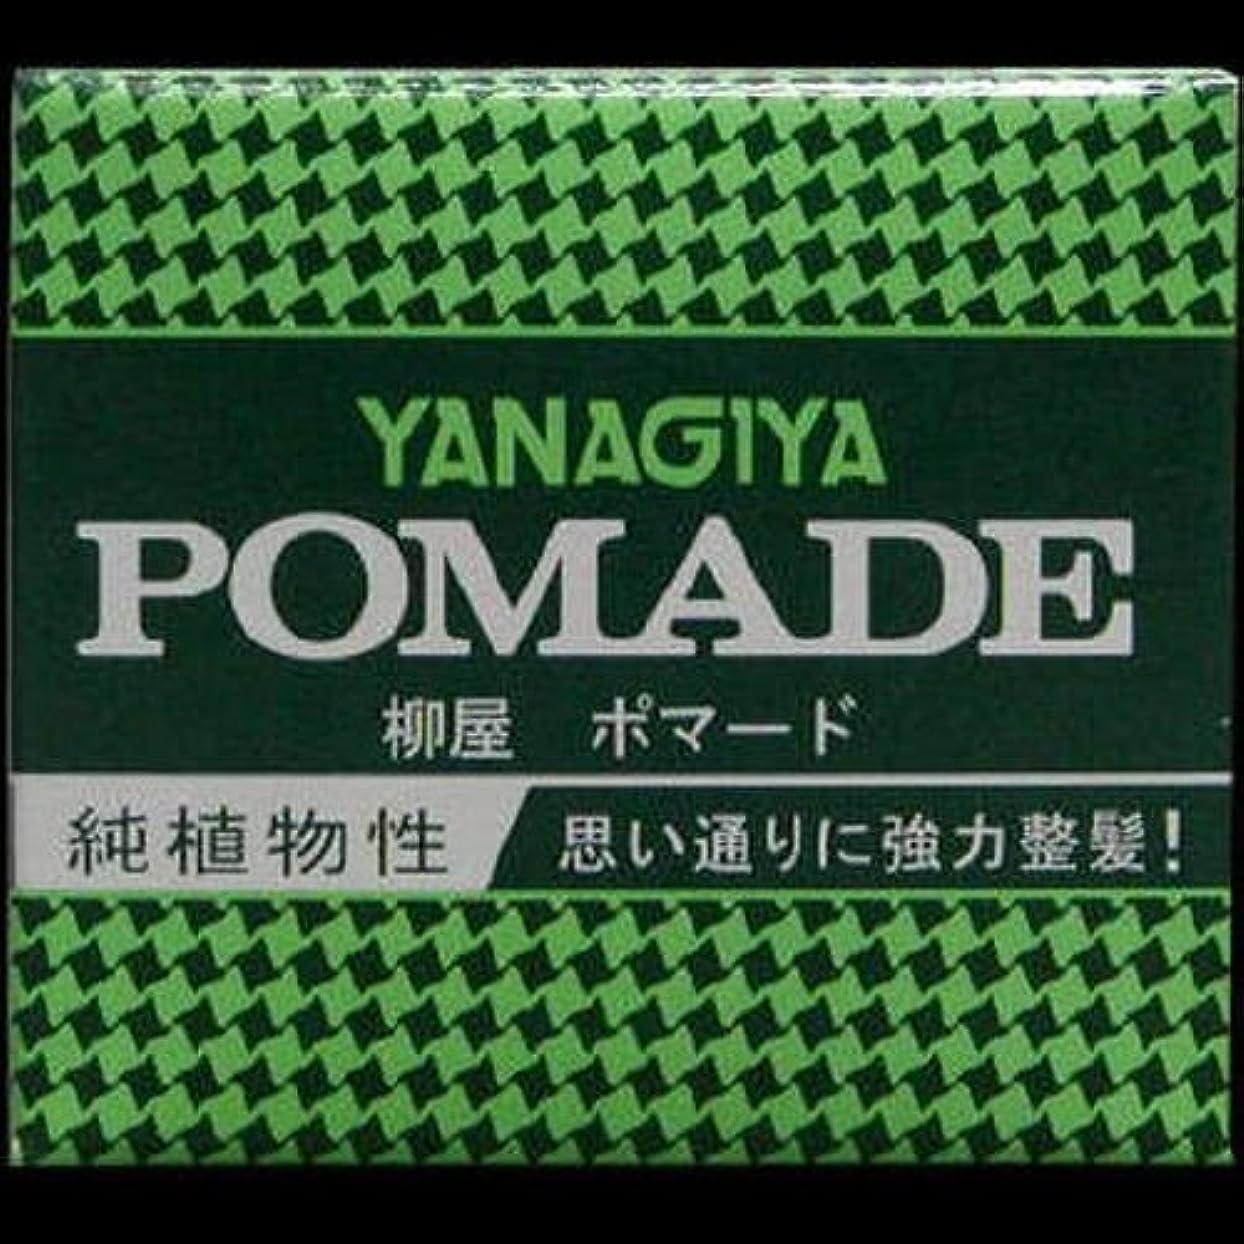 陪審安全でないなぜ【まとめ買い】柳屋 ポマード小 63g ×2セット